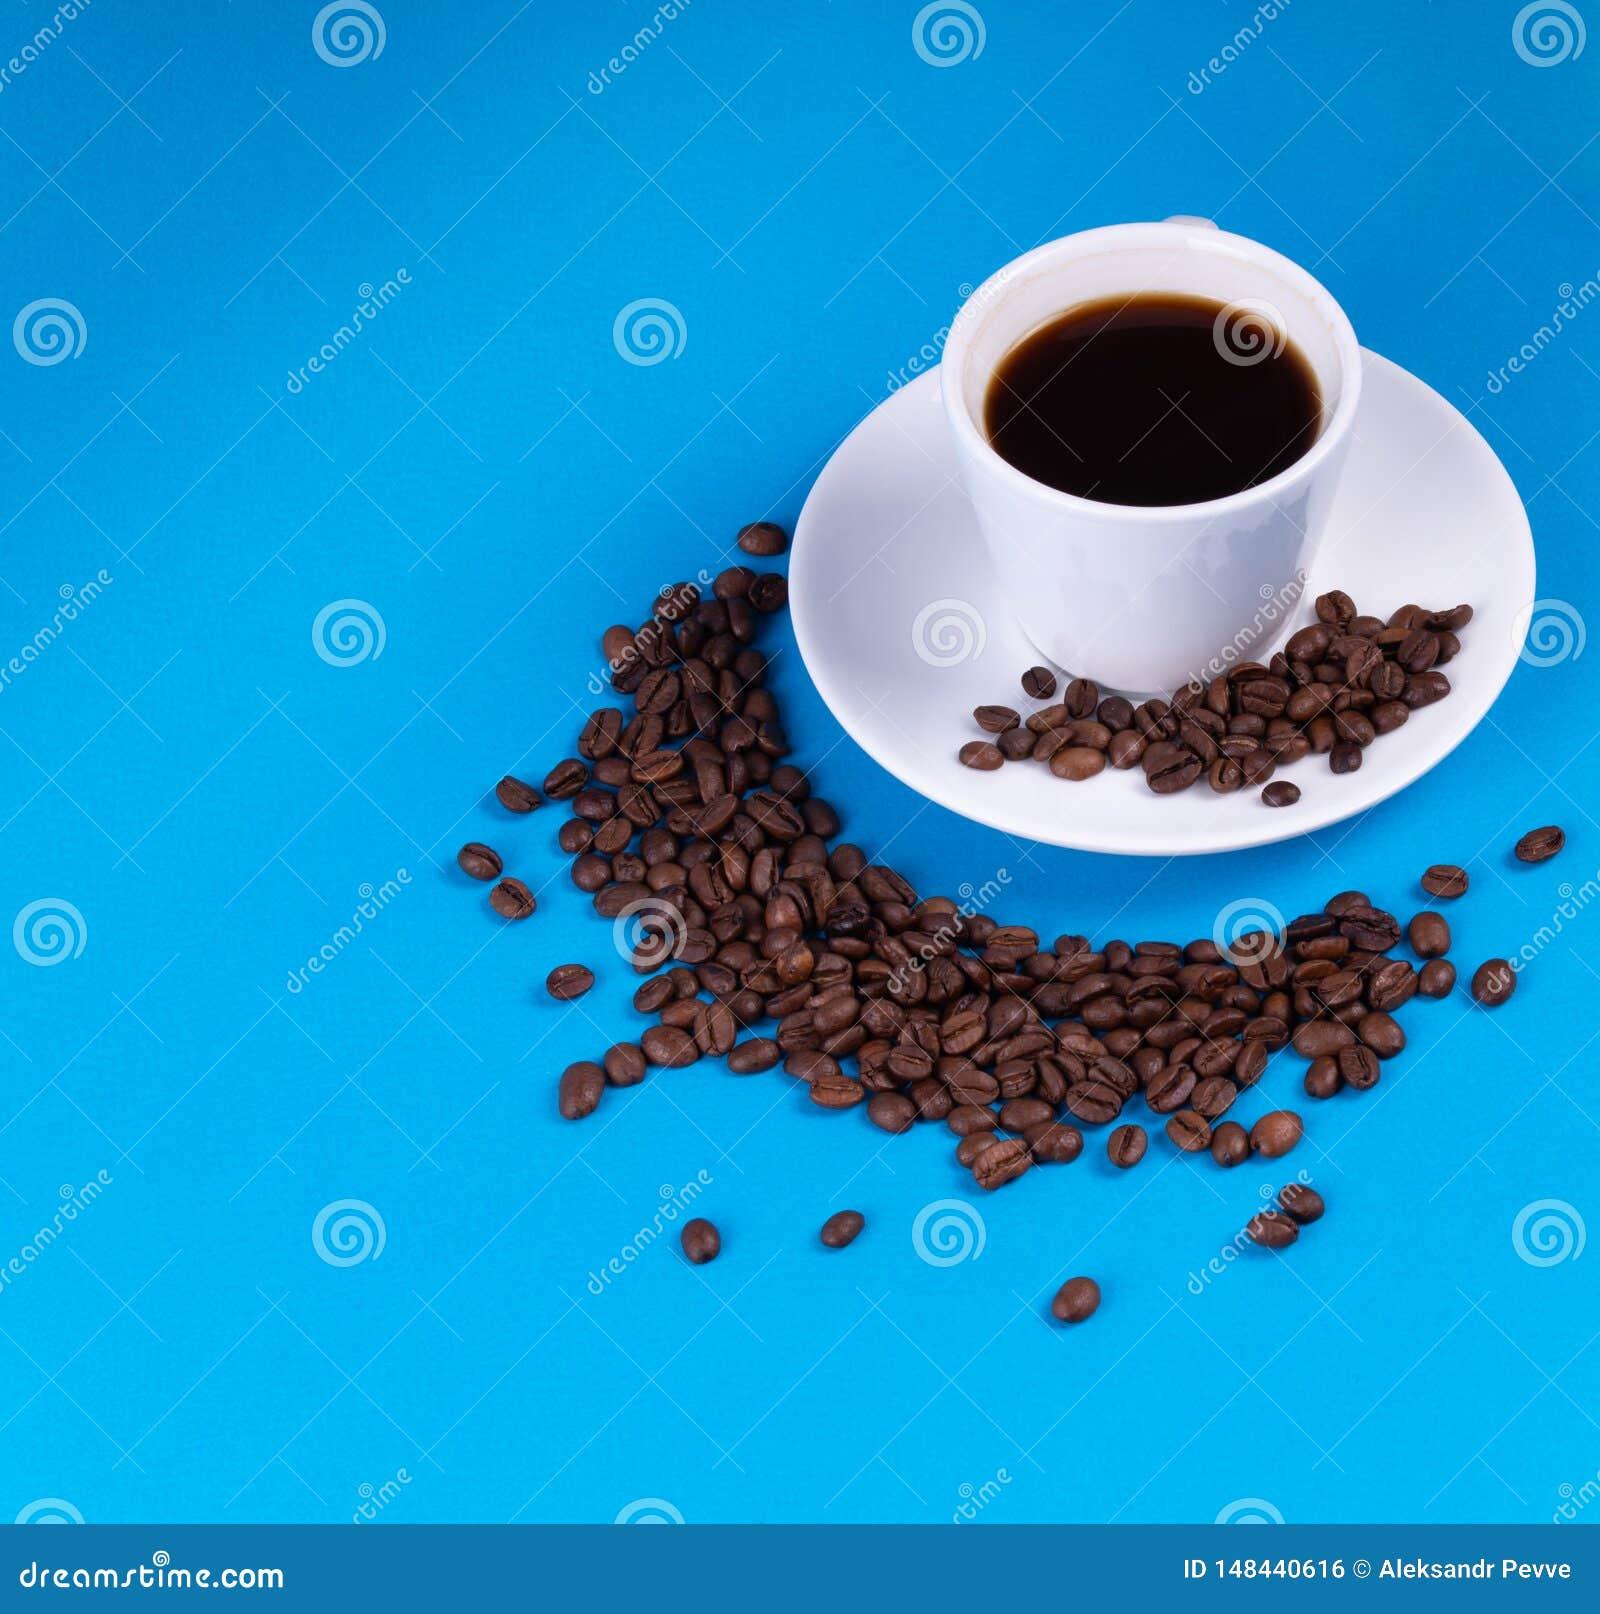 En un fondo azul, una taza de café al lado de ella se llena de los granos de café en la forma de un creciente